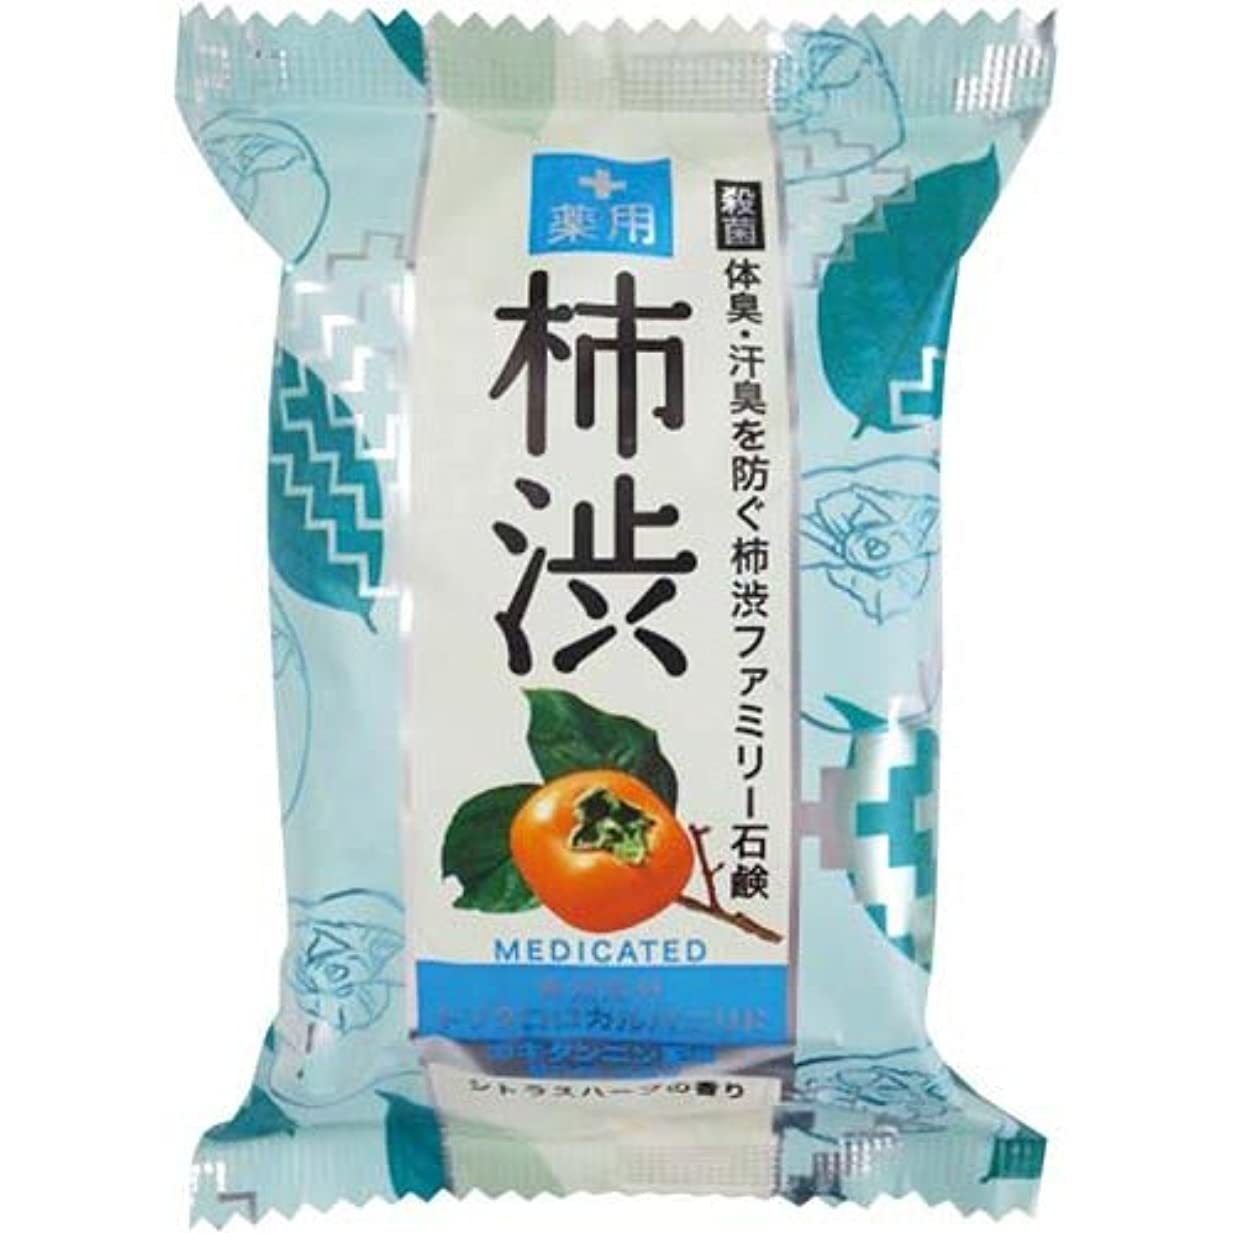 工業用差別するフリースペリカン石鹸 薬用ファミリー柿渋石鹸×6個×4箱